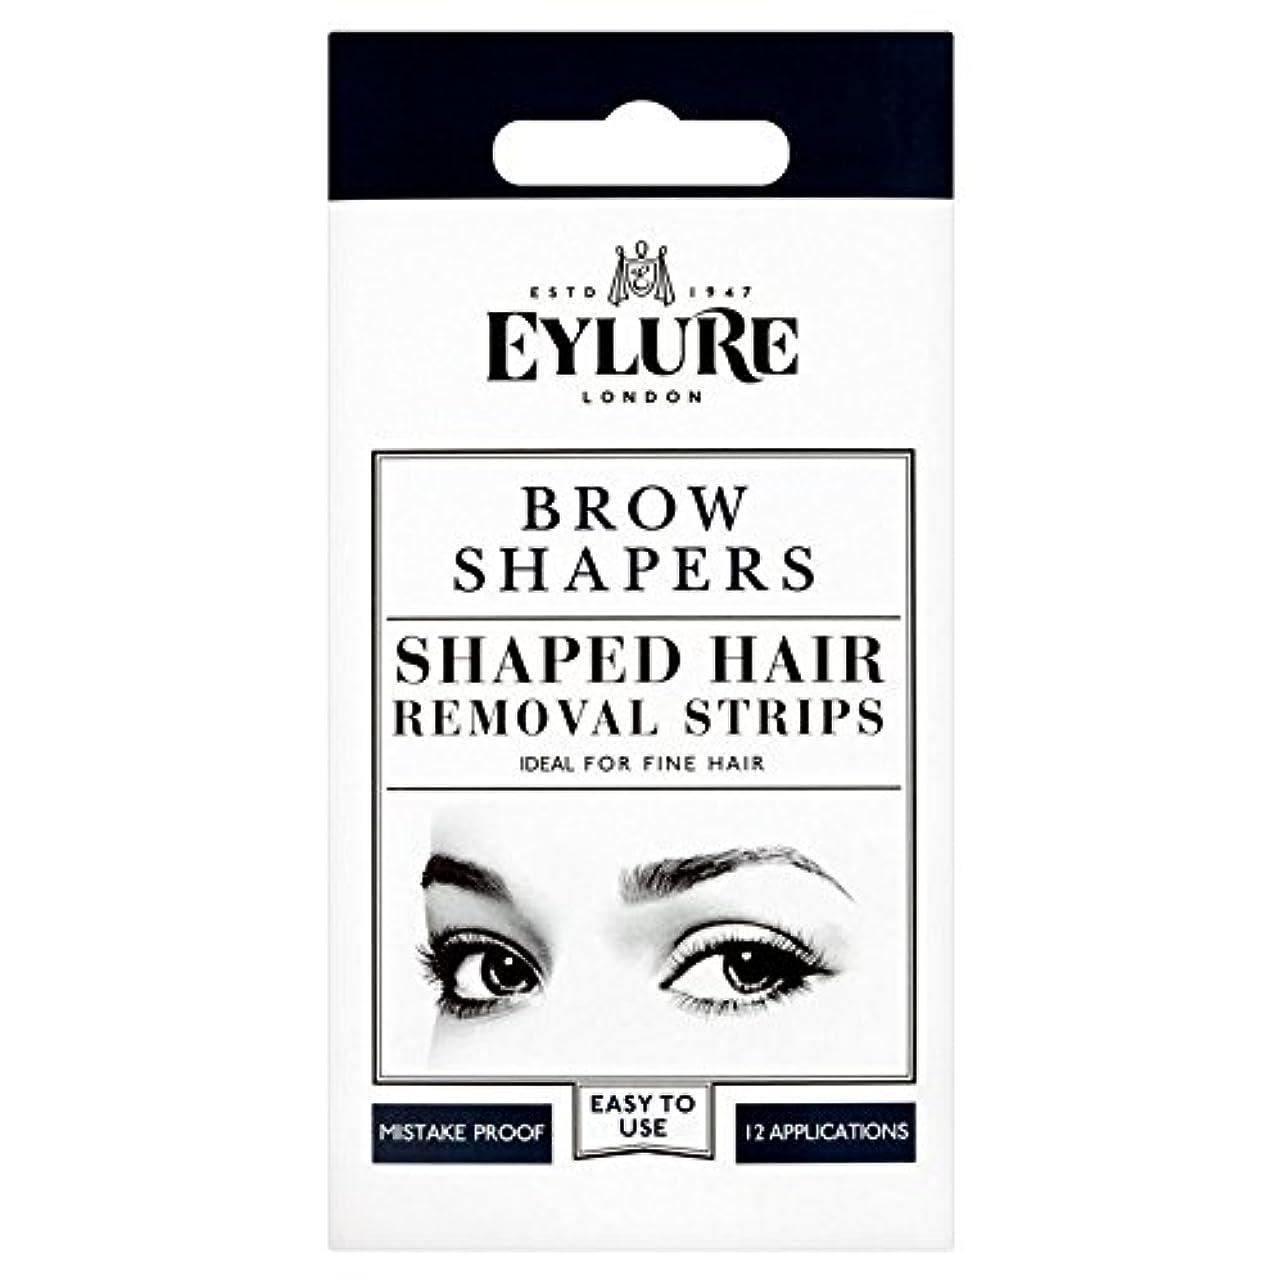 良さアイザック穏やかな眉毛シェイパー x4 - Eylure Eyebrow Shapers (Pack of 4) [並行輸入品]